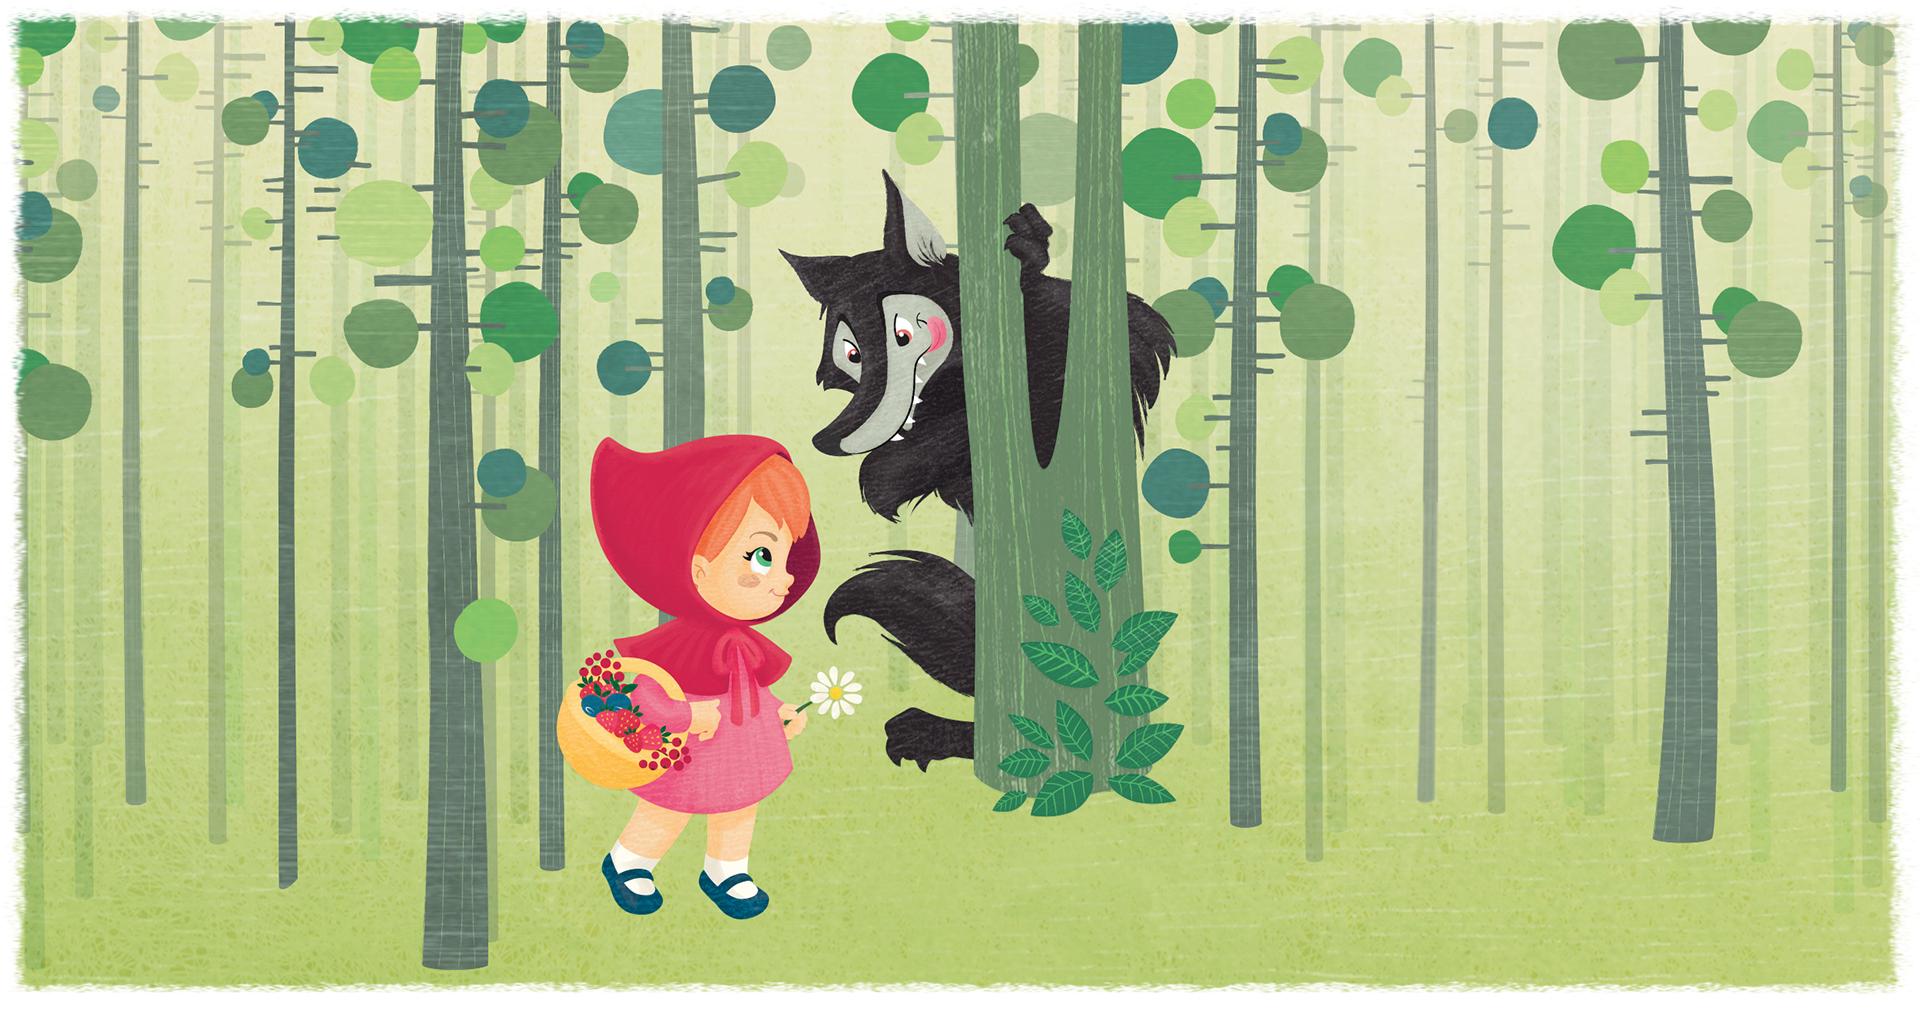 Pastiglie Leone Illustrazione Cappuccetto Rosso - Eleonora Casetta